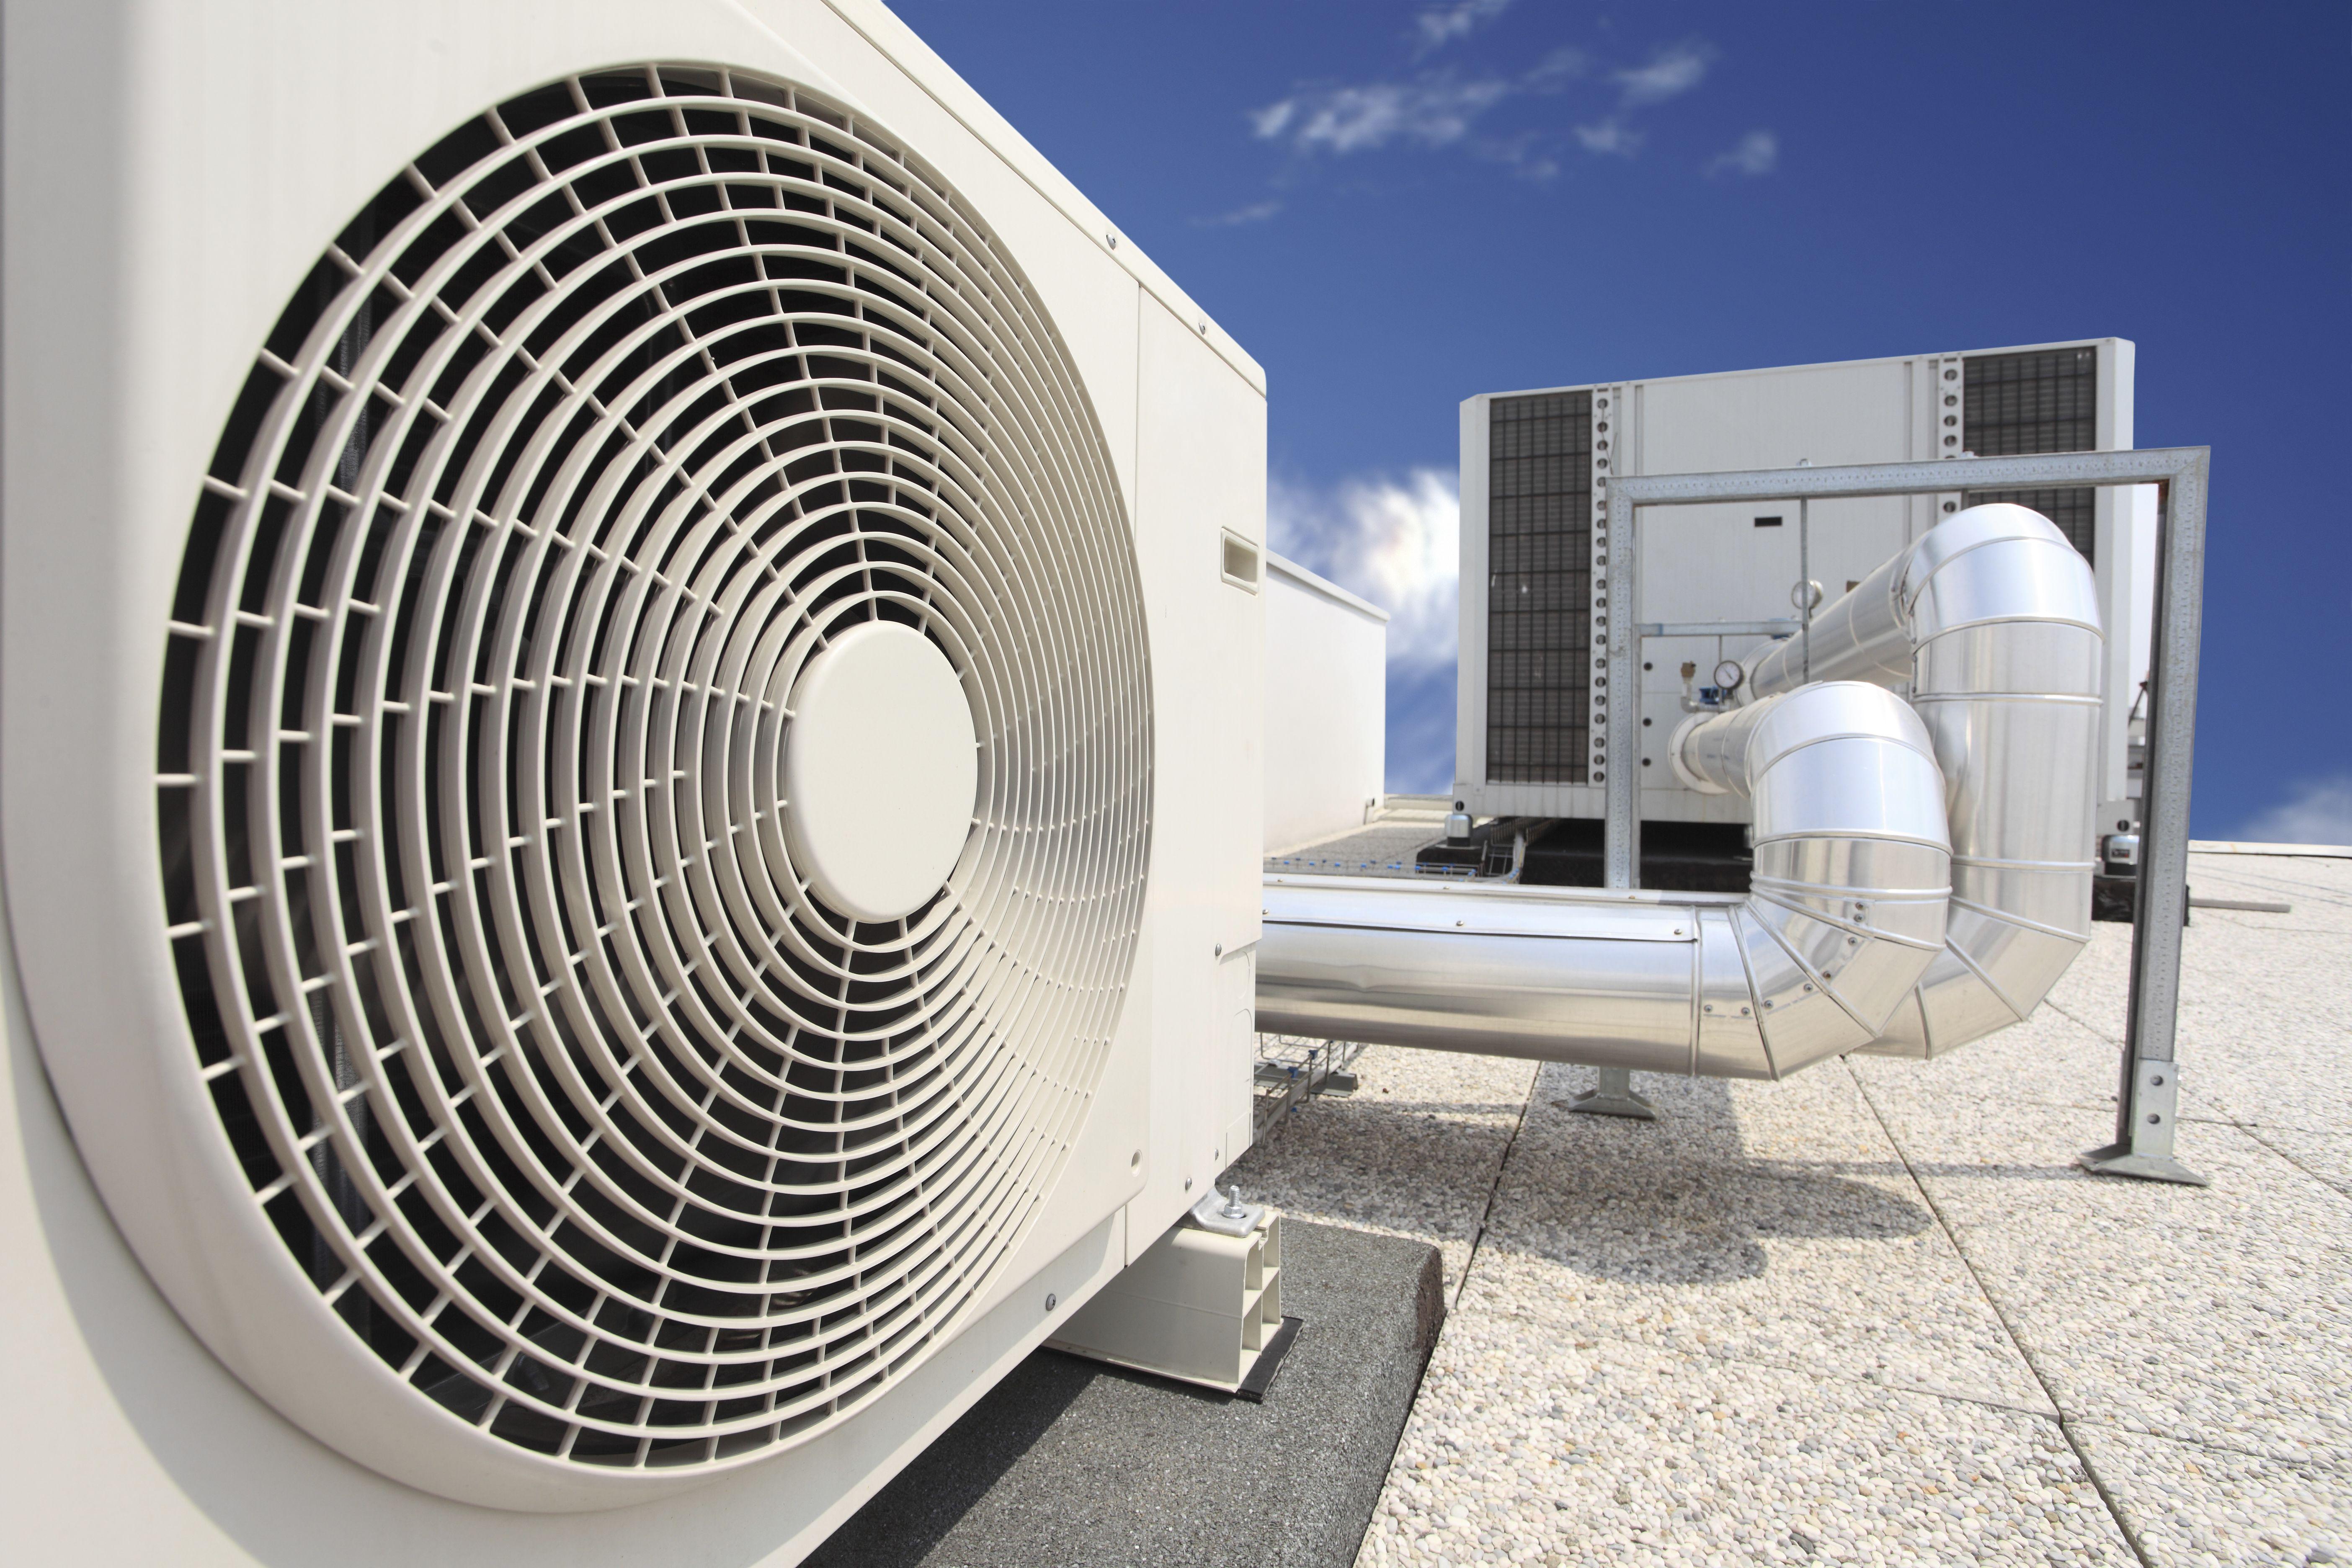 Climatización: Servicios de Refrigeración Climatización López Casas S.L.